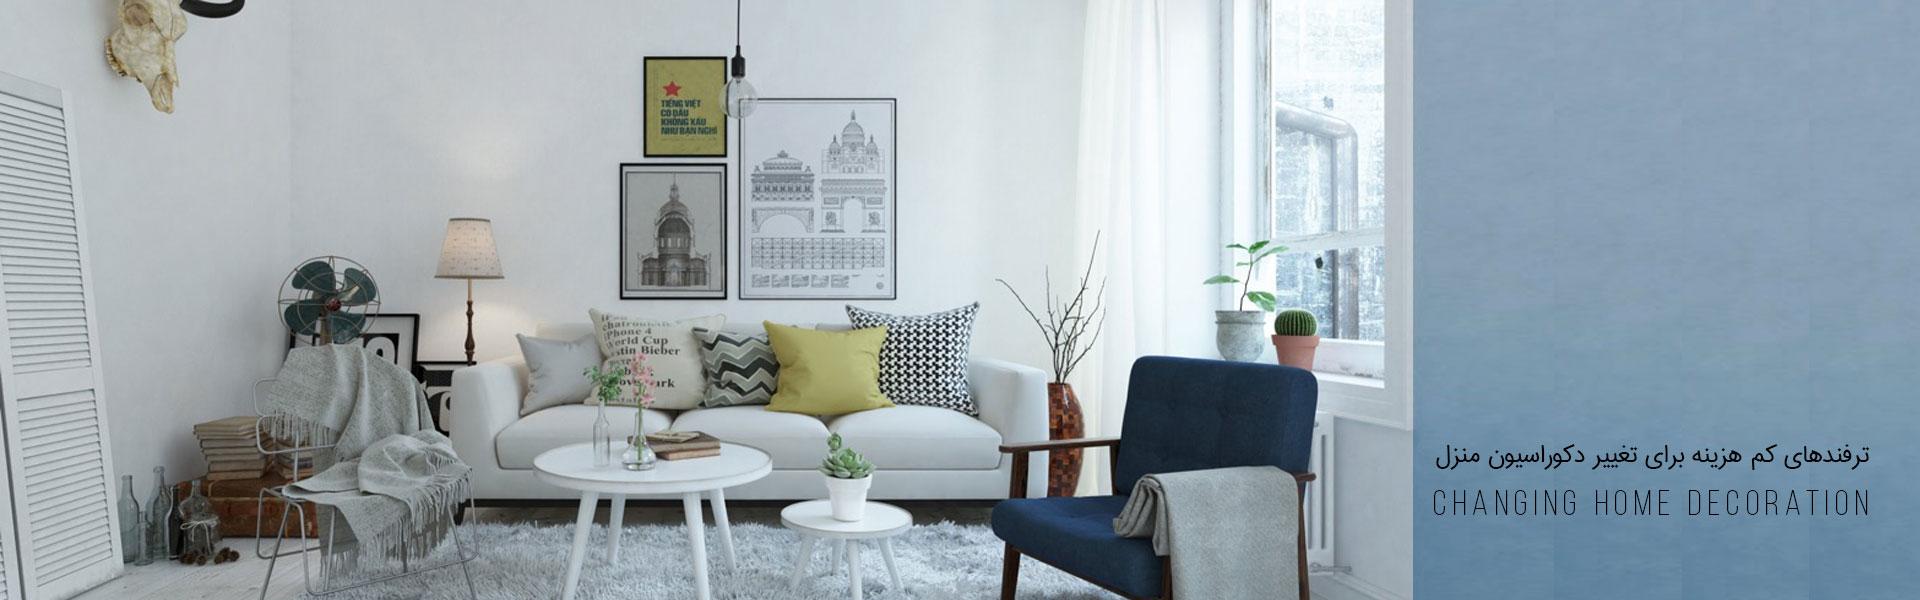 decorasion change1 - ترفندهای کم هزینه برای تغییر دکوراسیون منزل